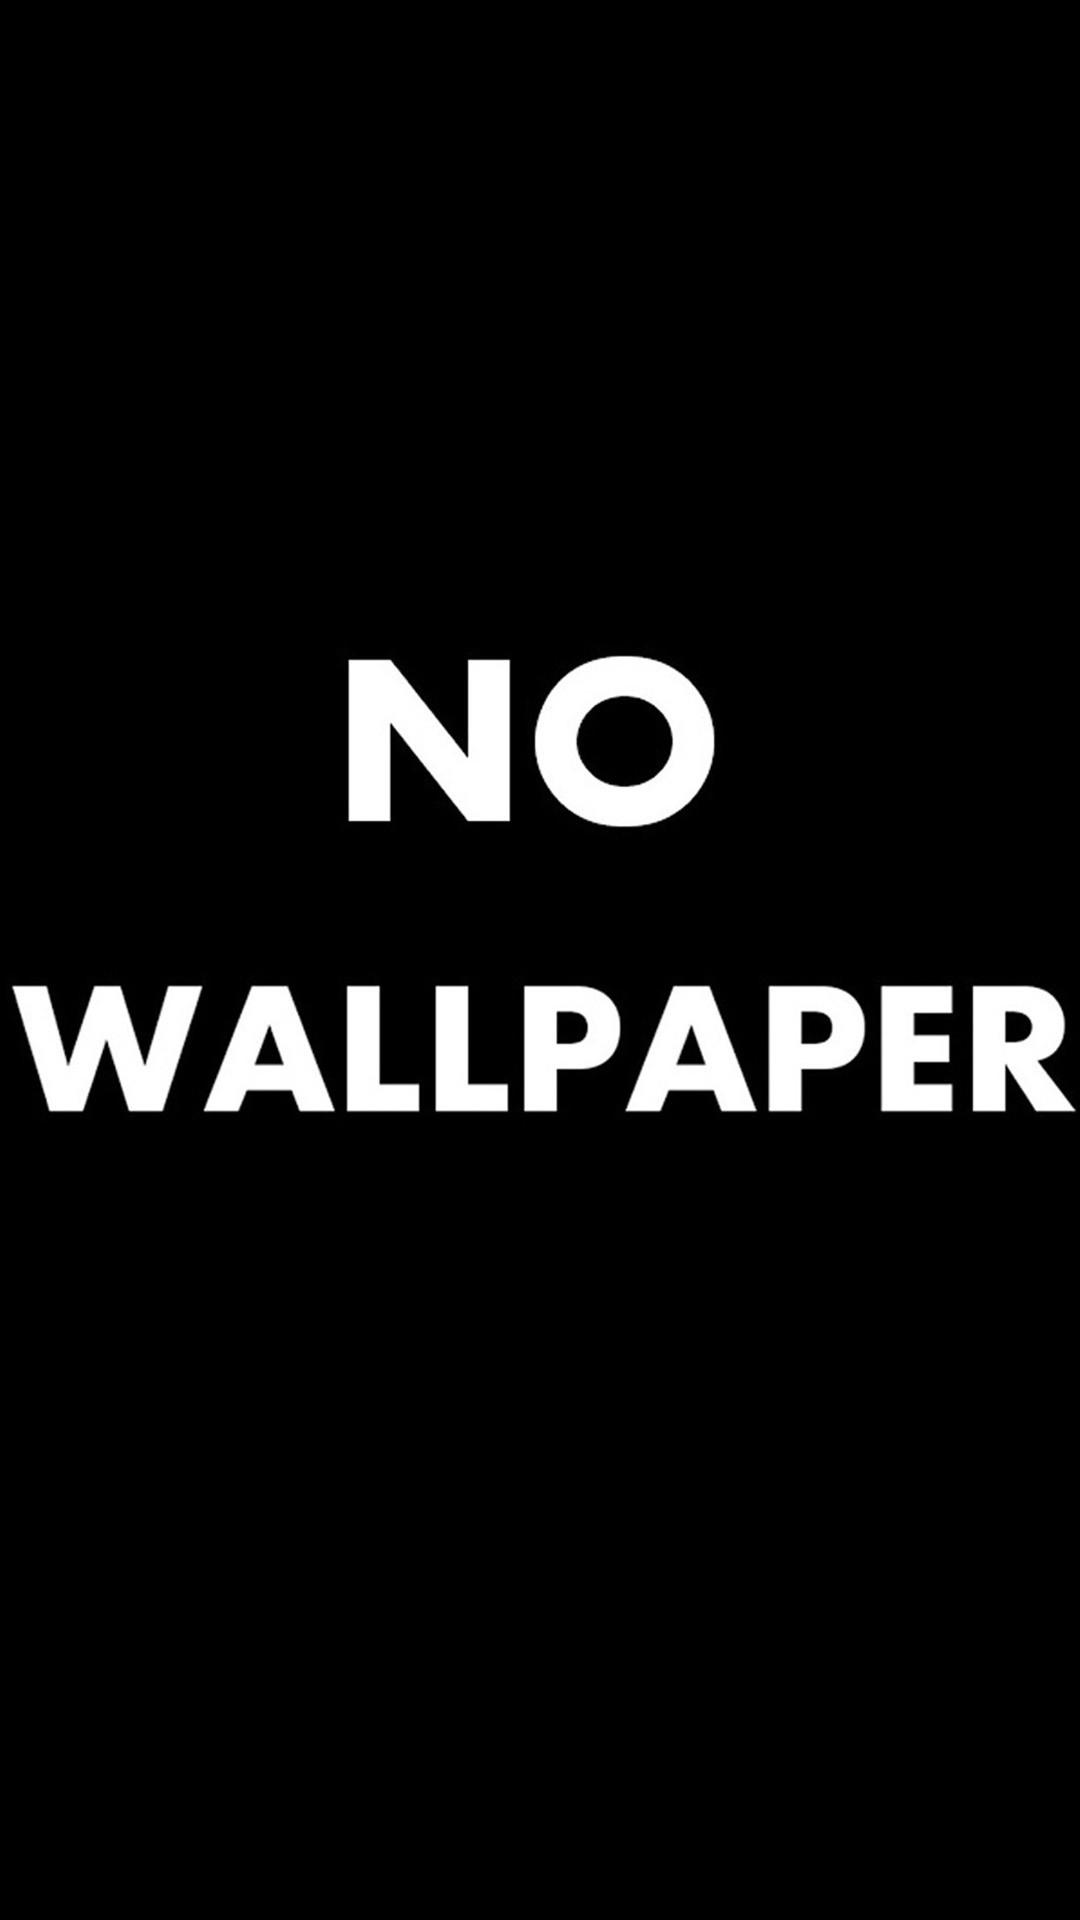 No Wallpaper Xperia iPhone 6 Plus HD Wallpaper …